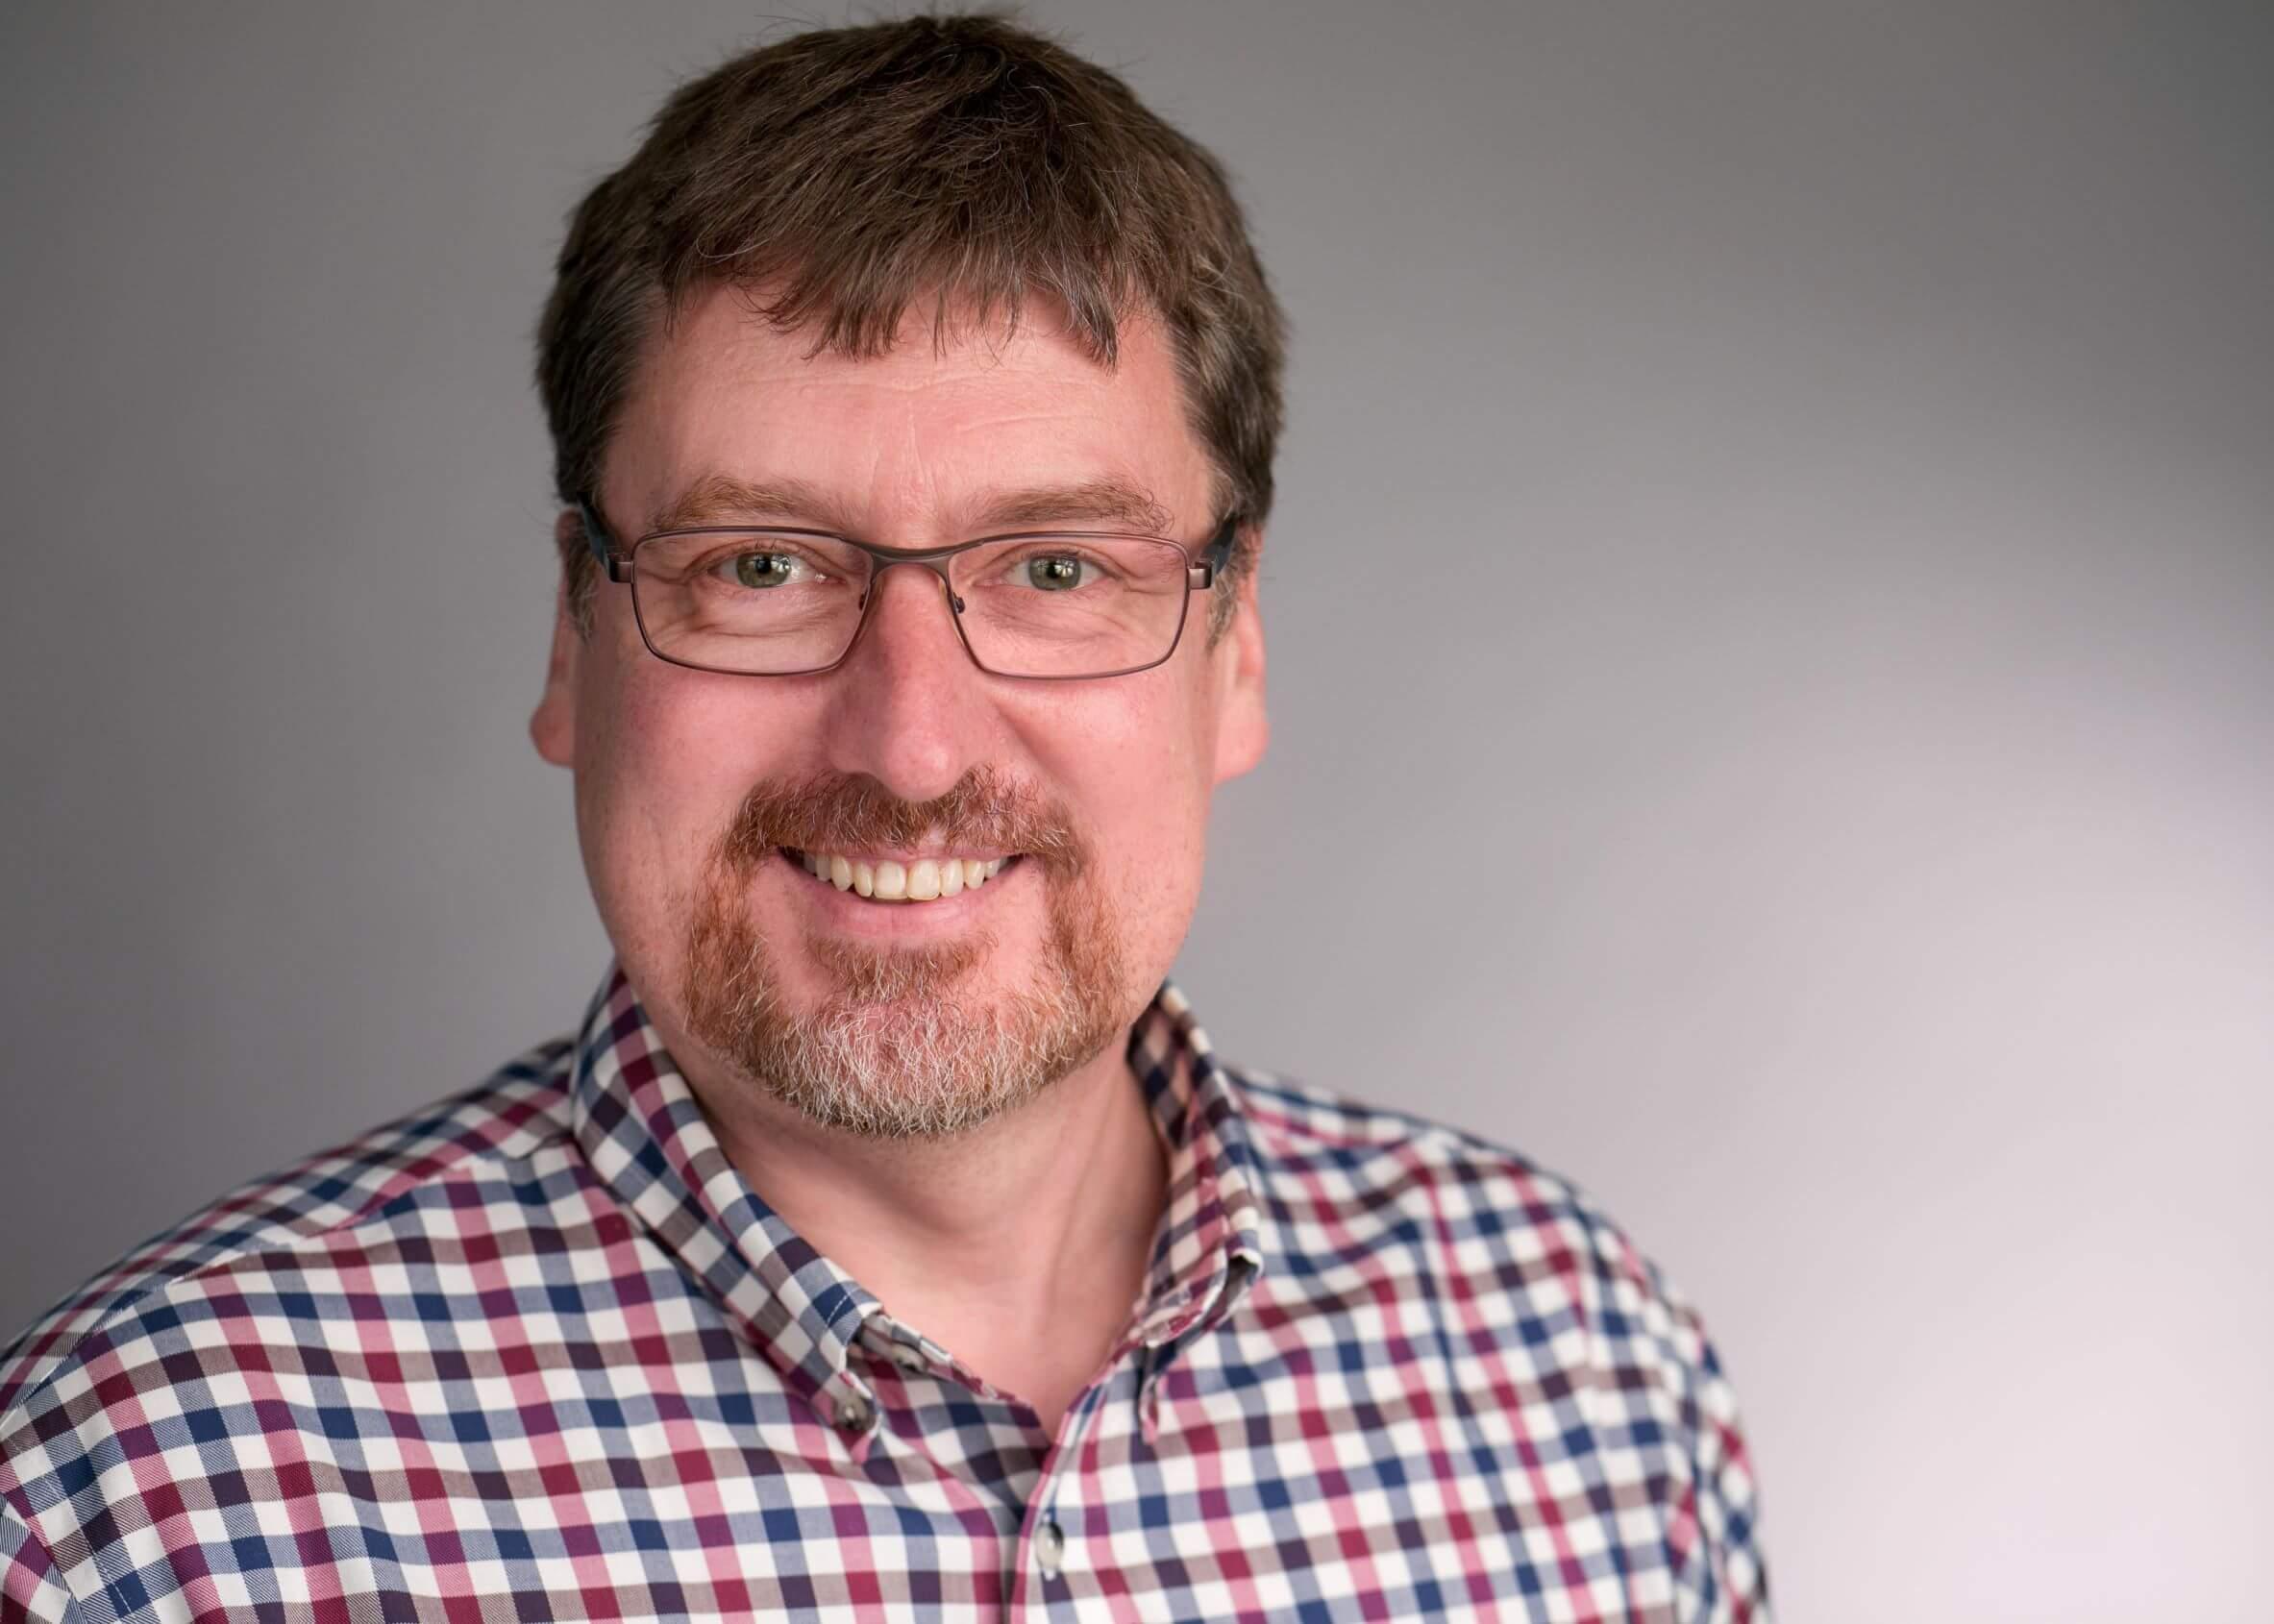 Christian Voegerl